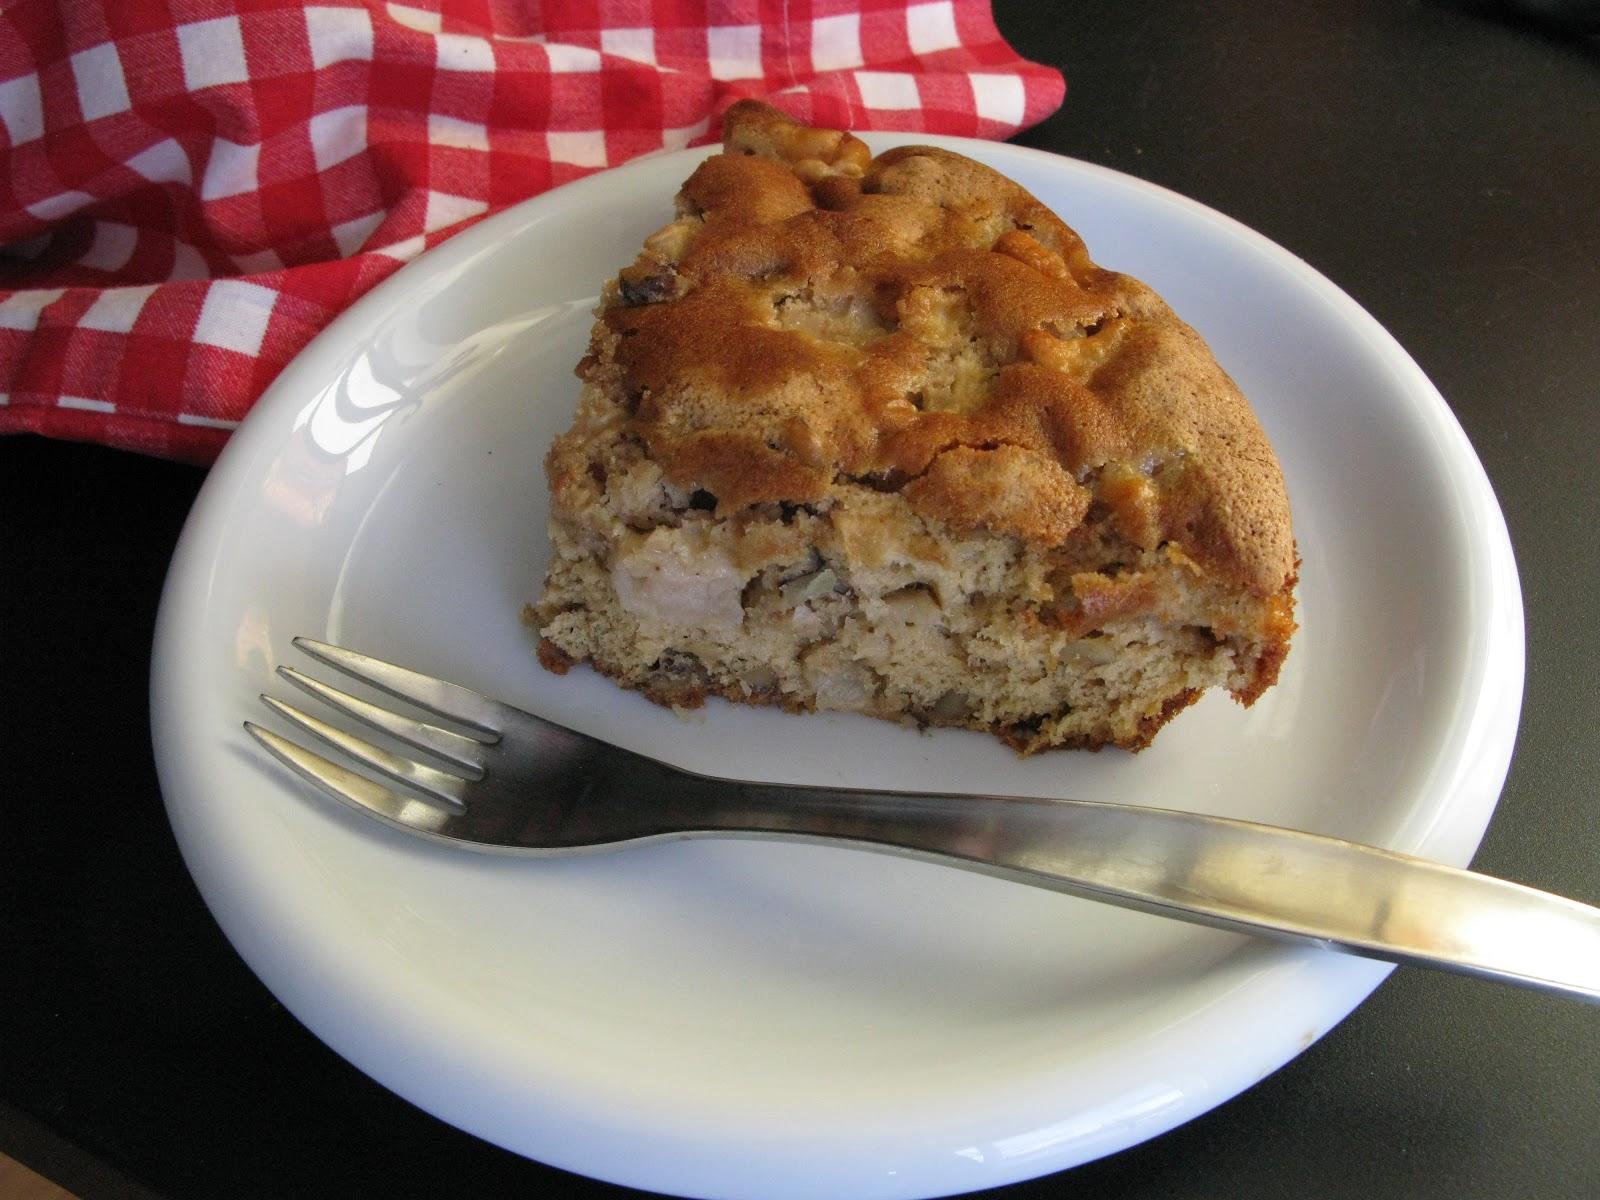 Au gr du march g teau aux pommes et aux noix de grenoble - Gateau aux noix et pommes ...